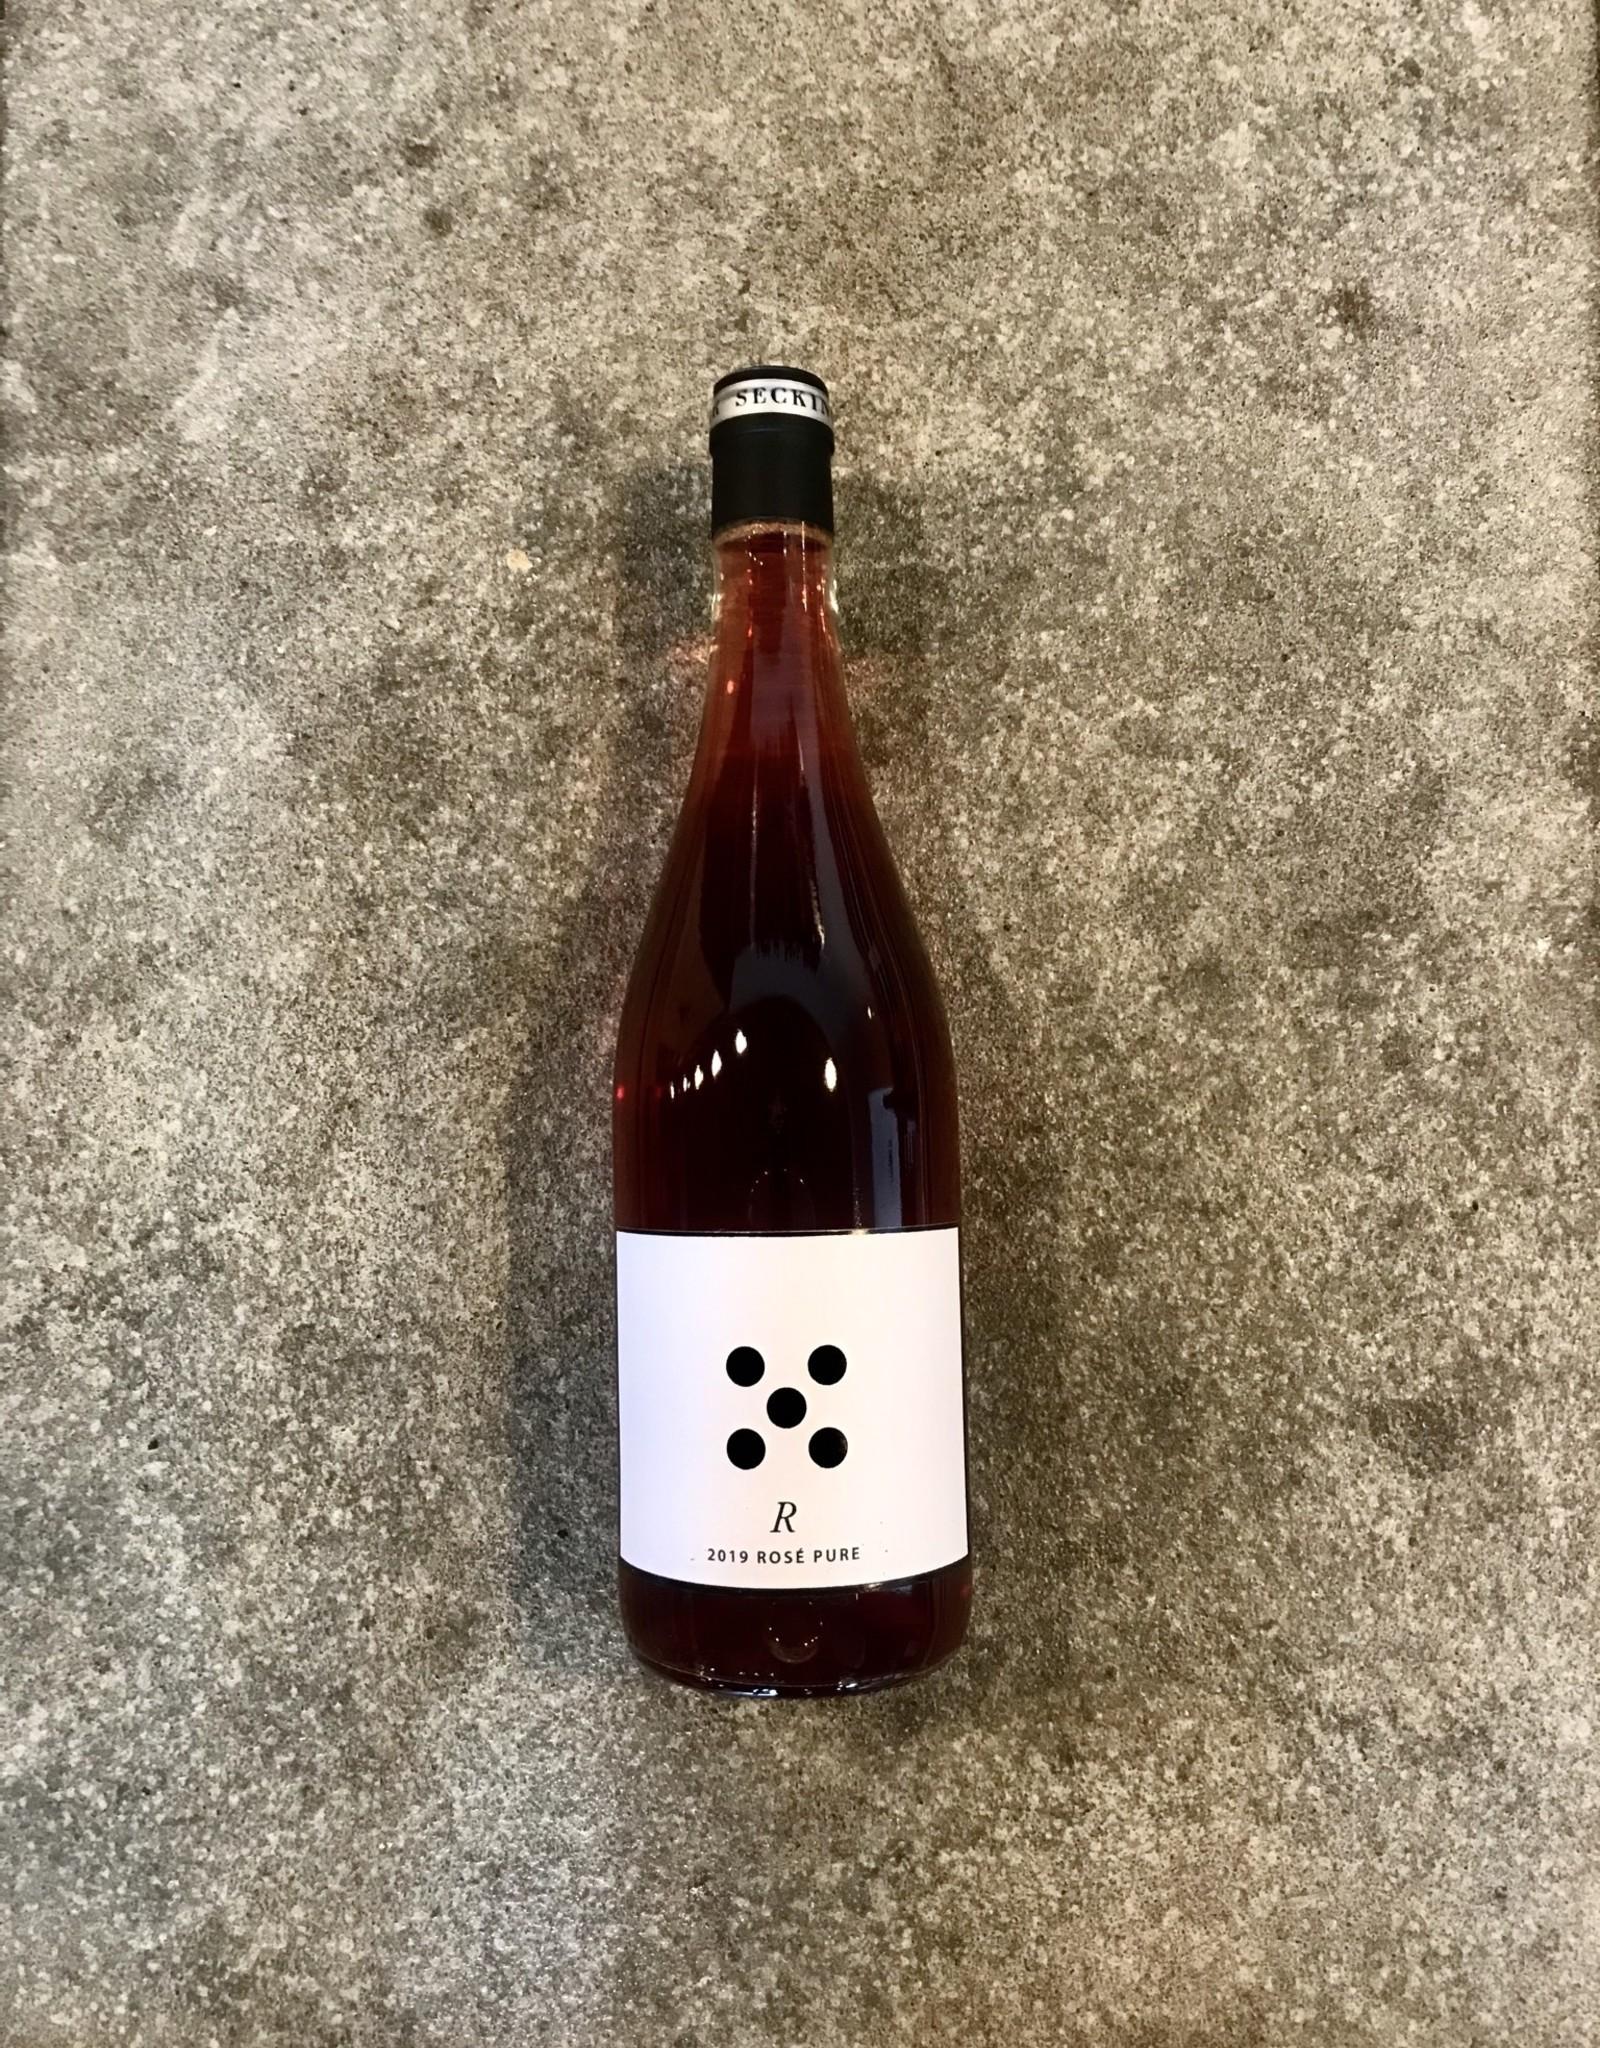 Seckinger Rosé Pure R 2019